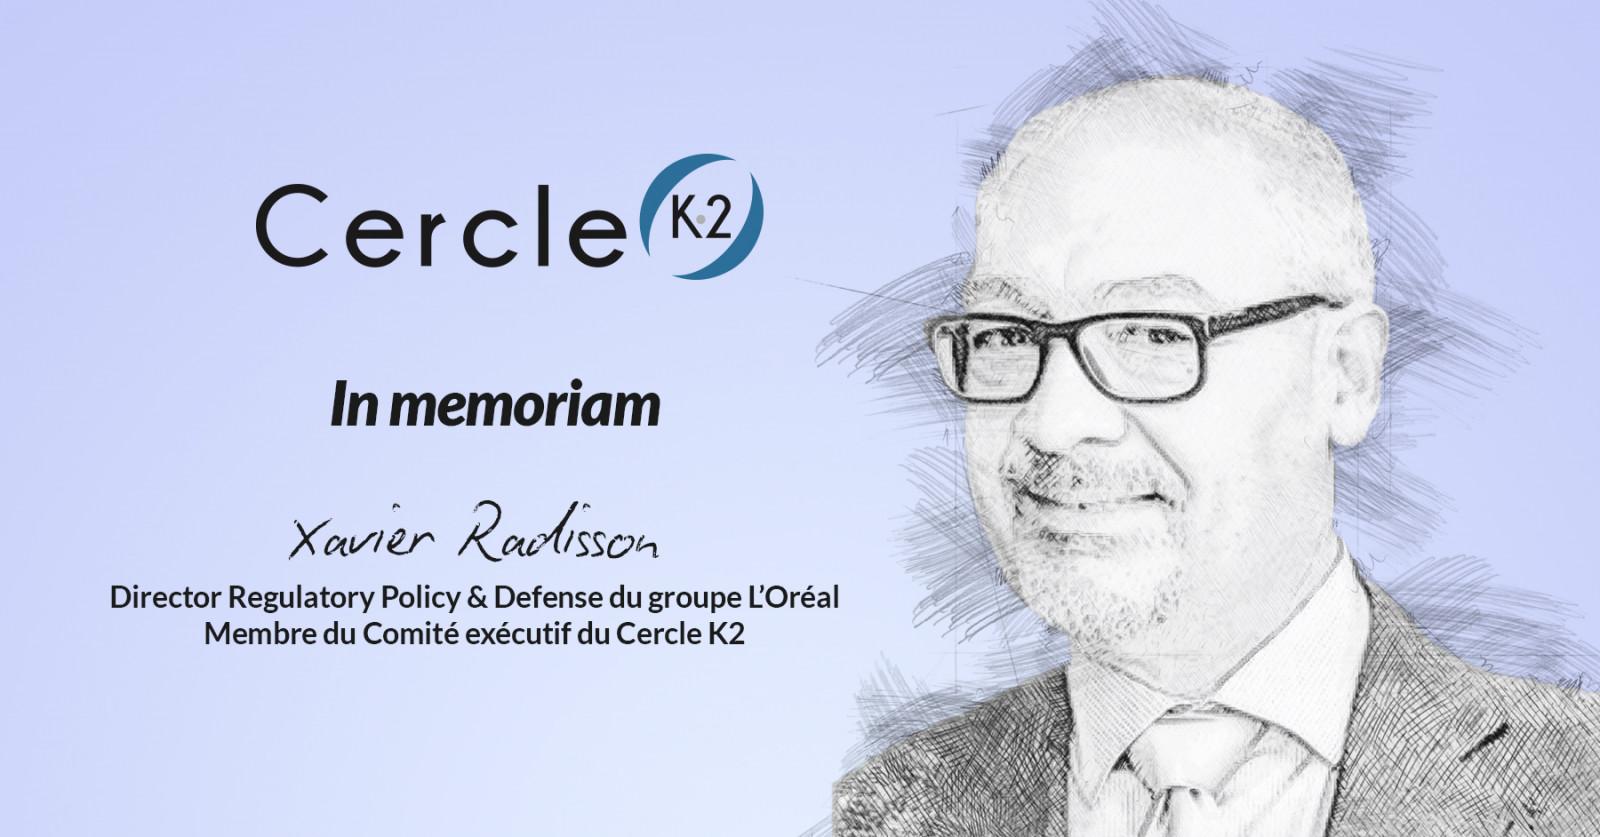 Décès de Xavier Radisson, Membre du Comité exécutif du Cercle K2 - Cercle K2